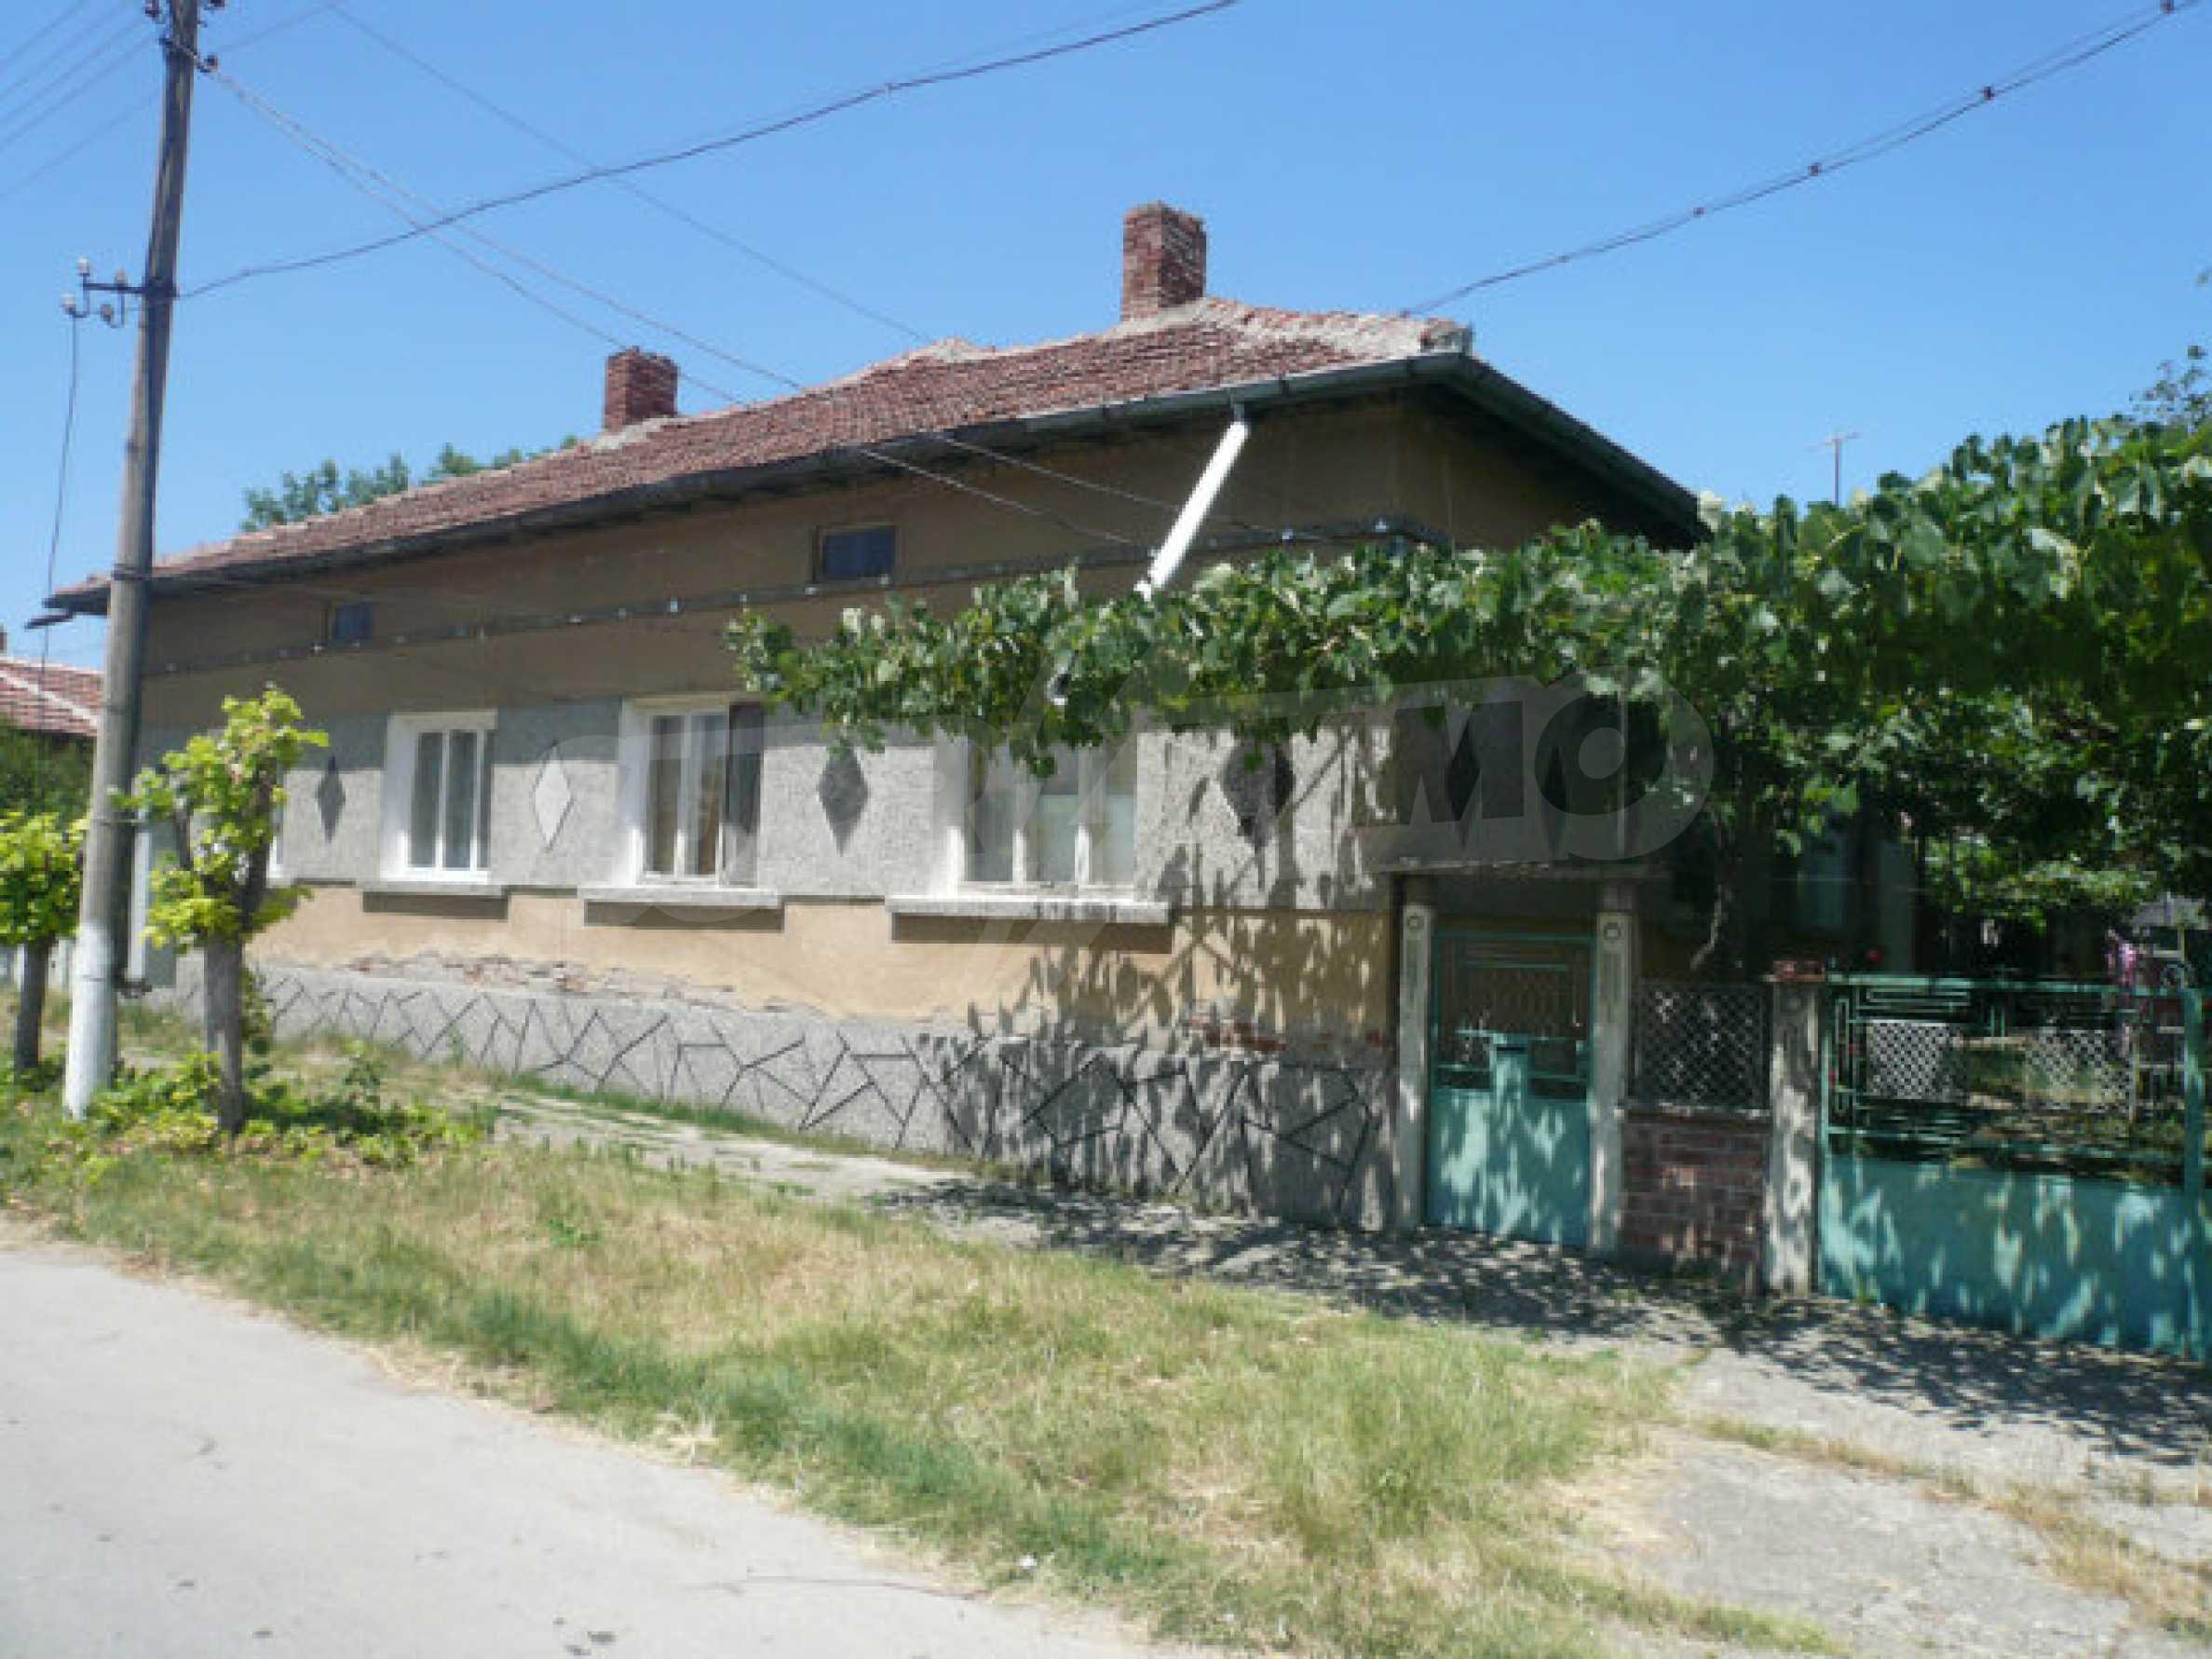 Einfamilienhaus mit schönem Garten, 40 km von Vidin entfernt